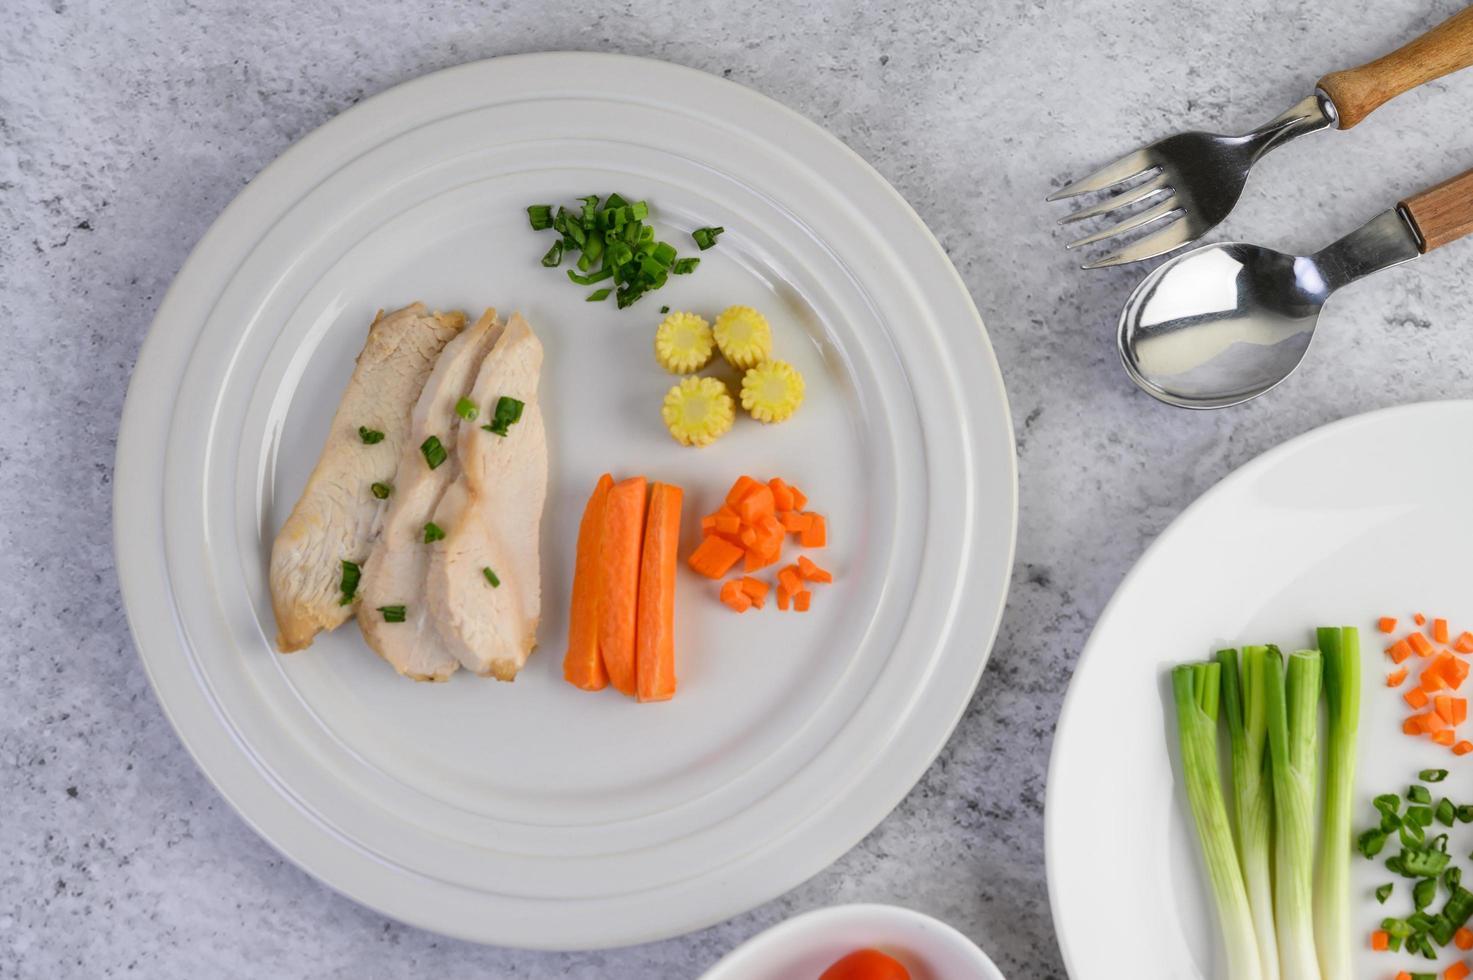 poitrine de poulet cuite à la vapeur sur une assiette blanche avec oignons de printemps et carottes photo